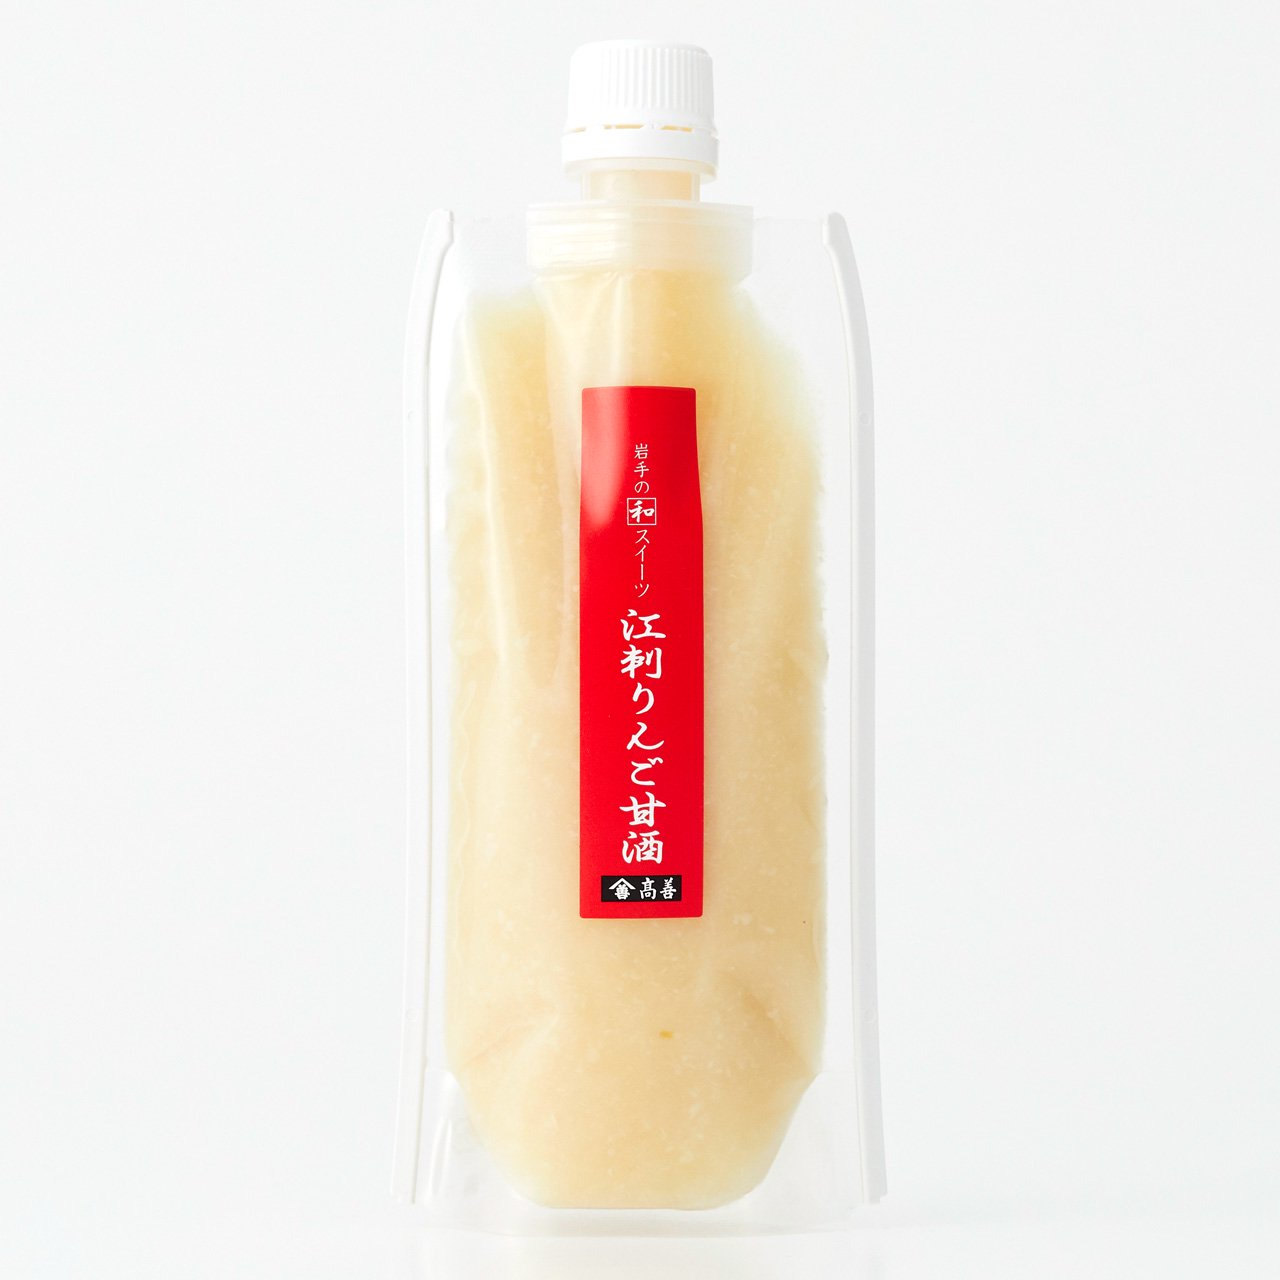 江刺りんご甘酒 180g(原液タイプ)